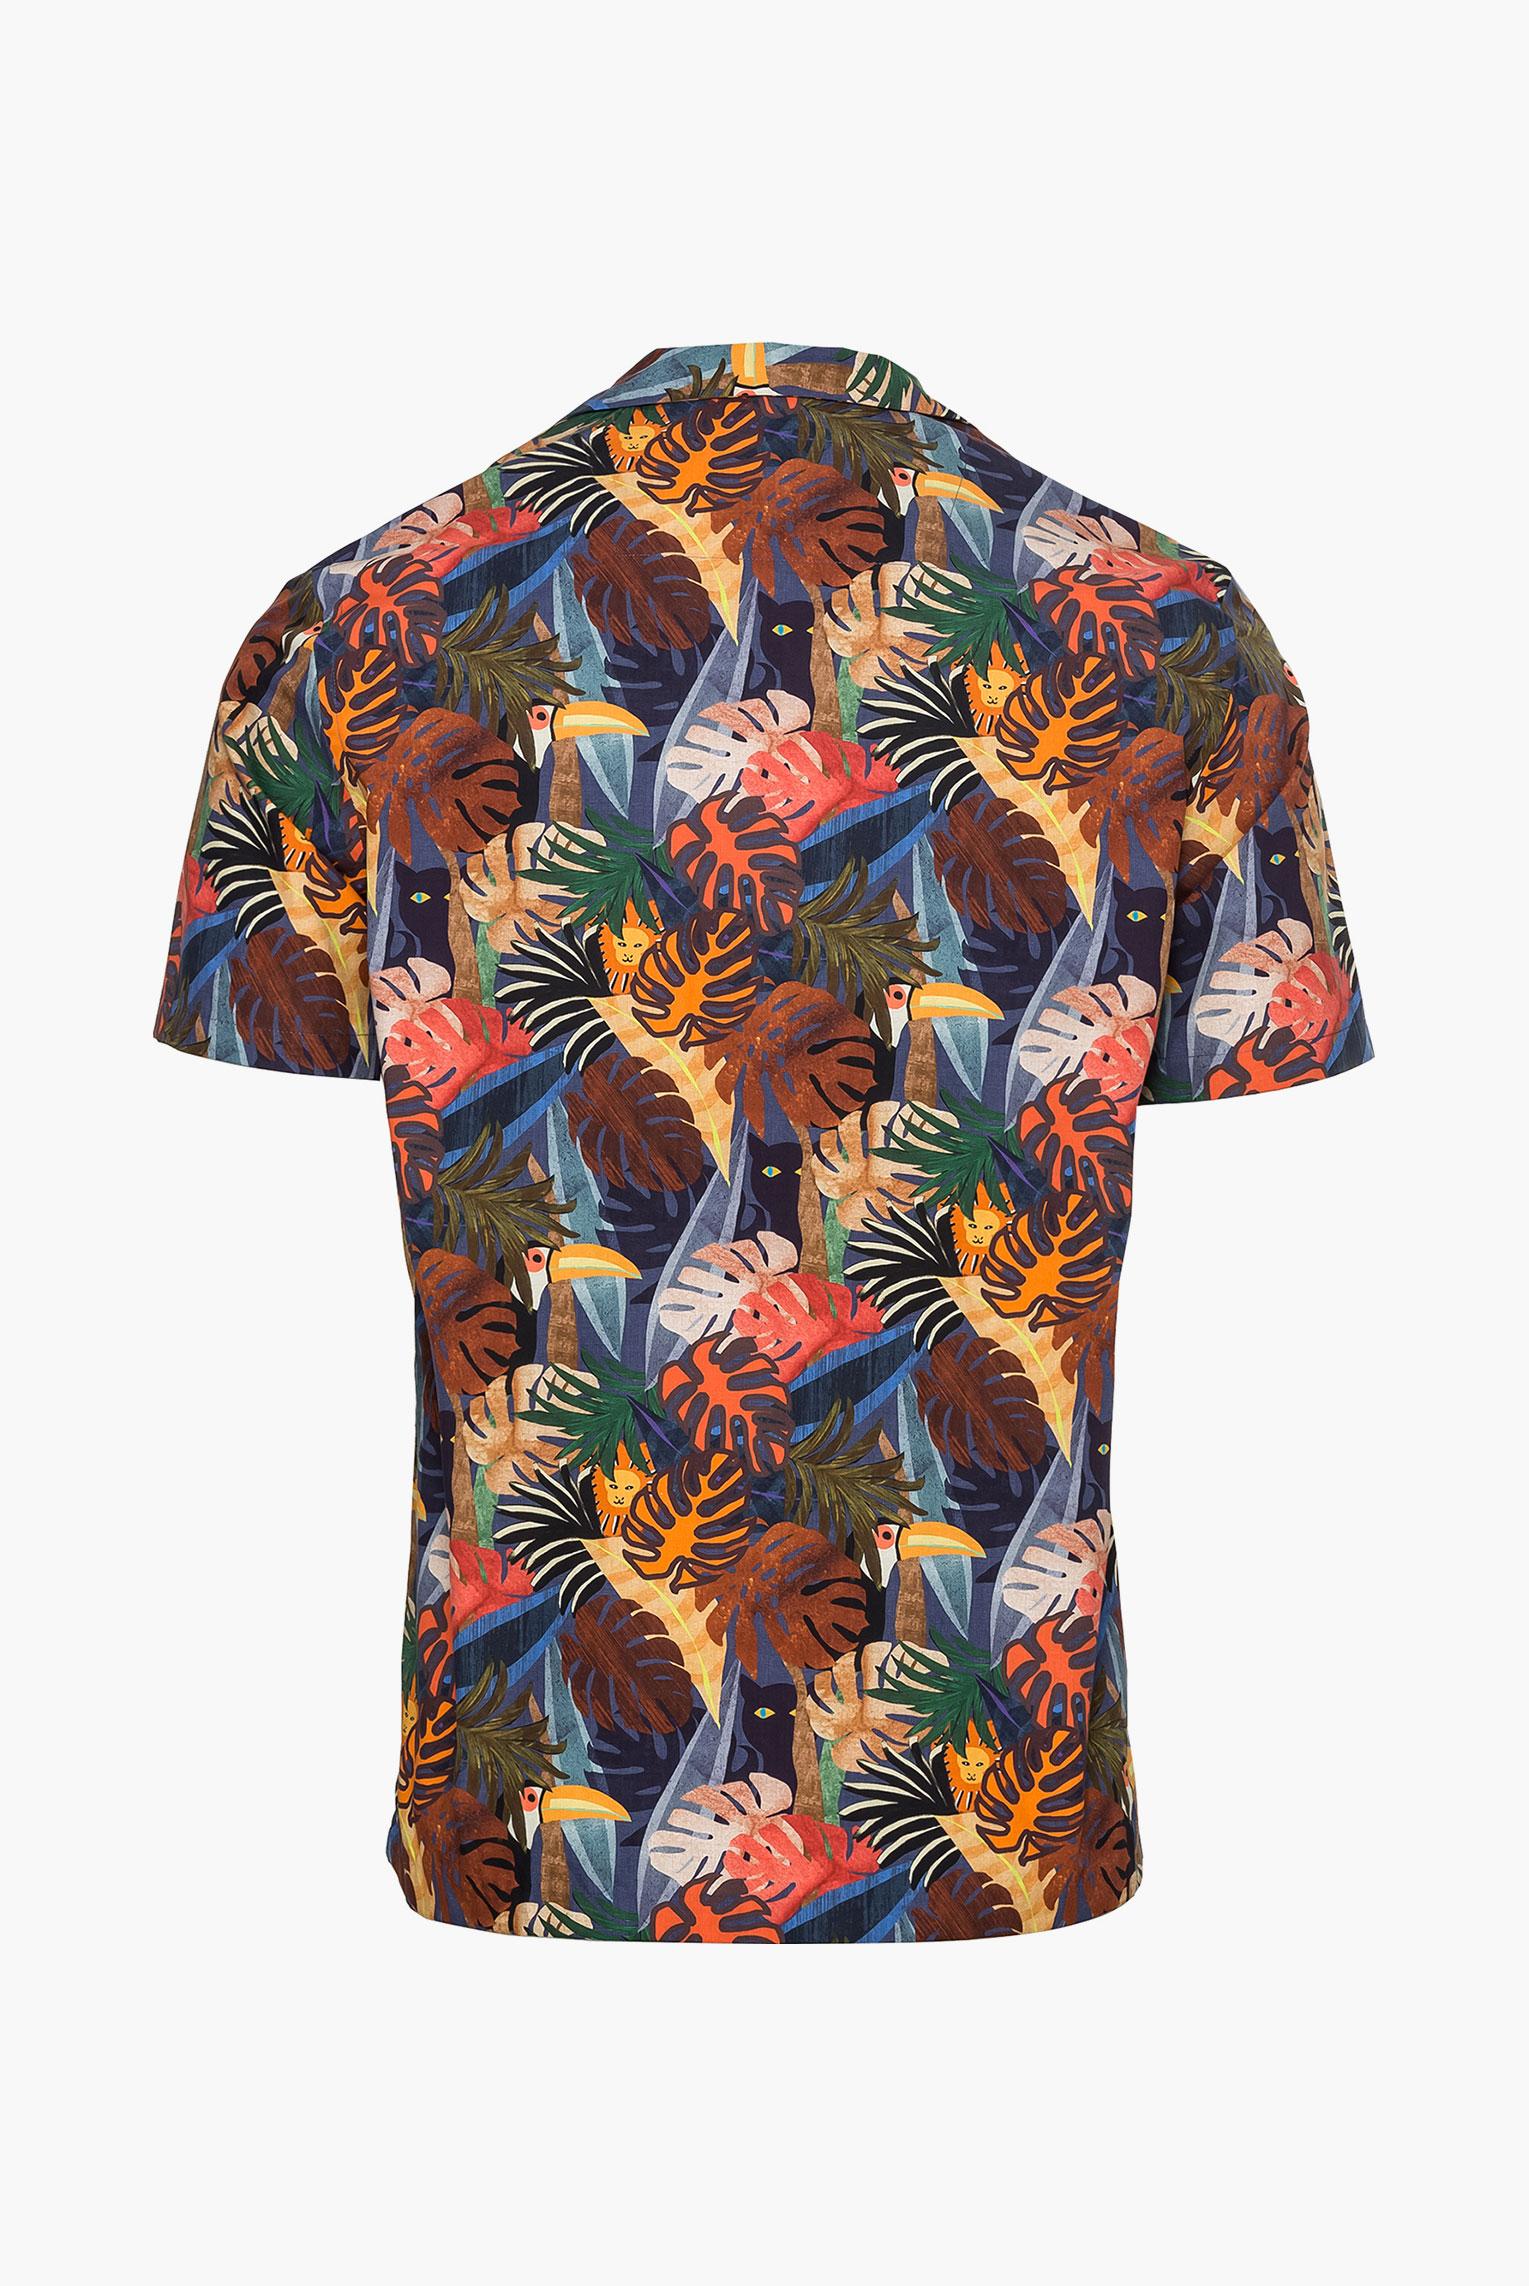 Casual Hemden+Kurzarm Hemd mit Dschungel Druck Slim Fit Bunt+35.3838.RD.171419.570.38